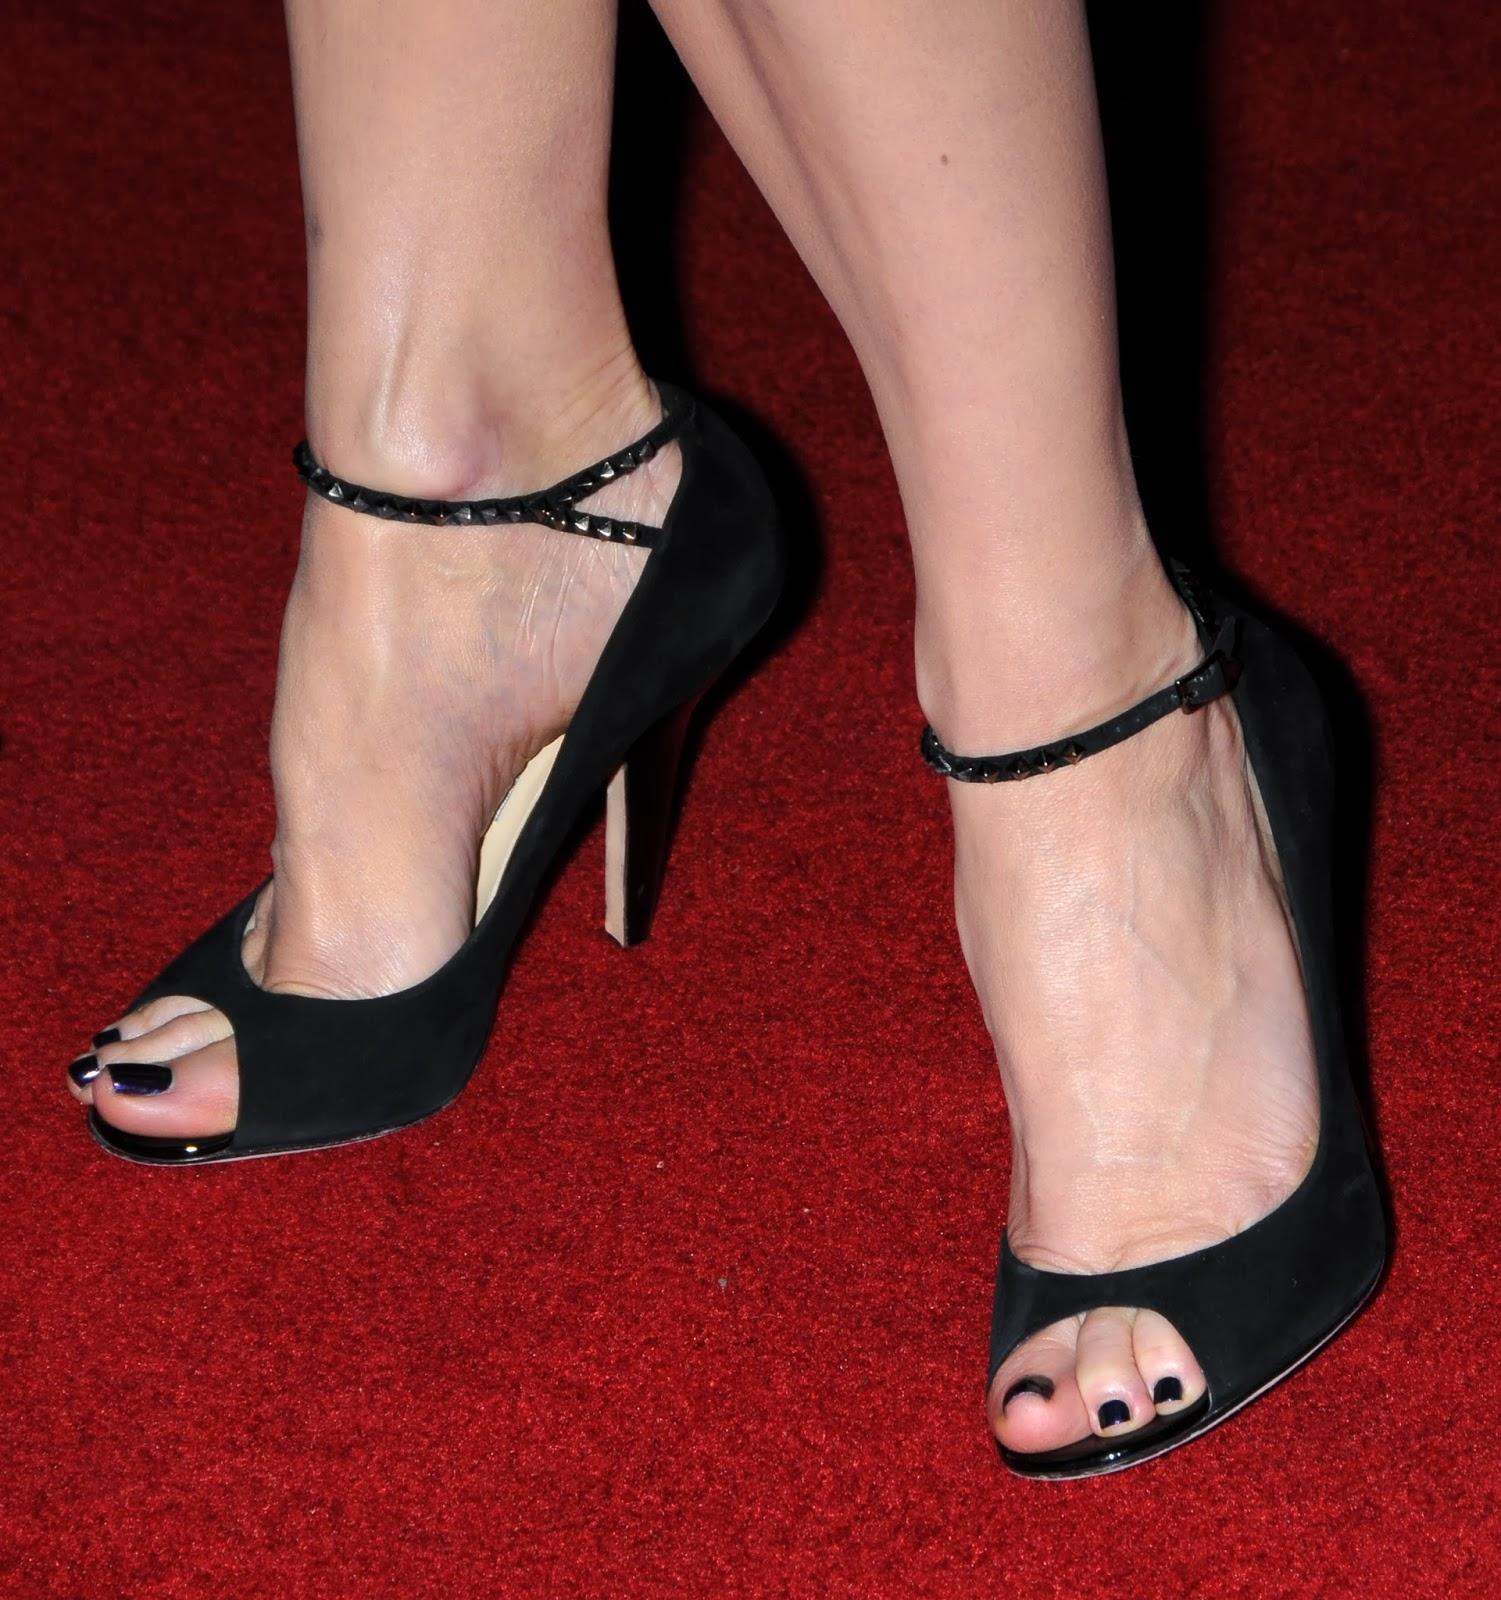 Descargar Gratis Zapatos de tacón alto Moda, Gratis  - descargar imagenes de zapatillas gratis